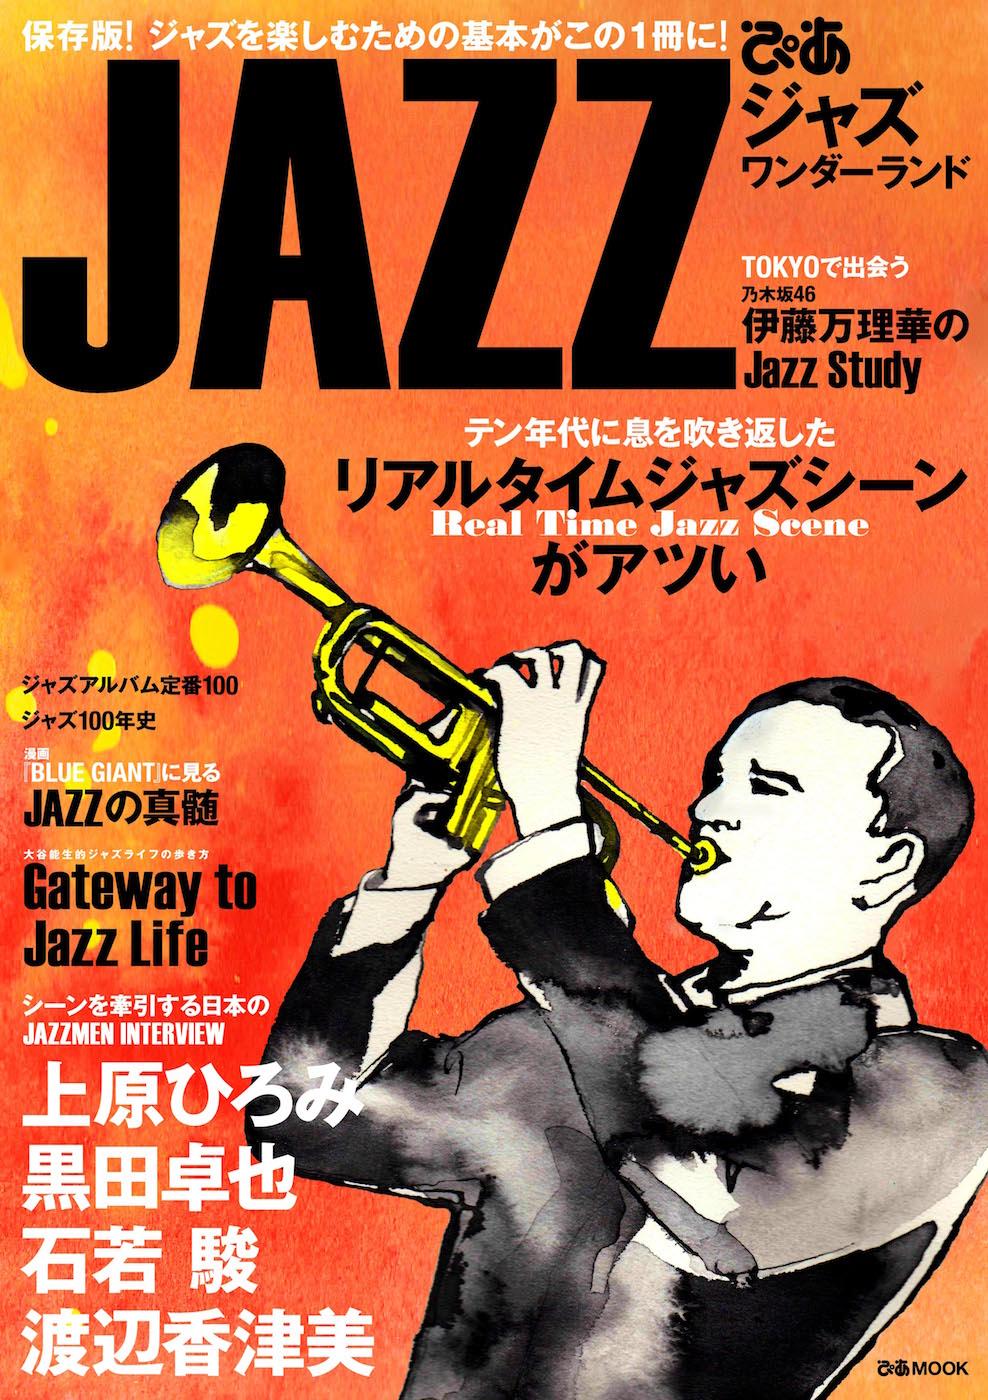 乃木坂46「ハルジオンが咲く頃」が前作超え達成、自己最高の累計74万枚